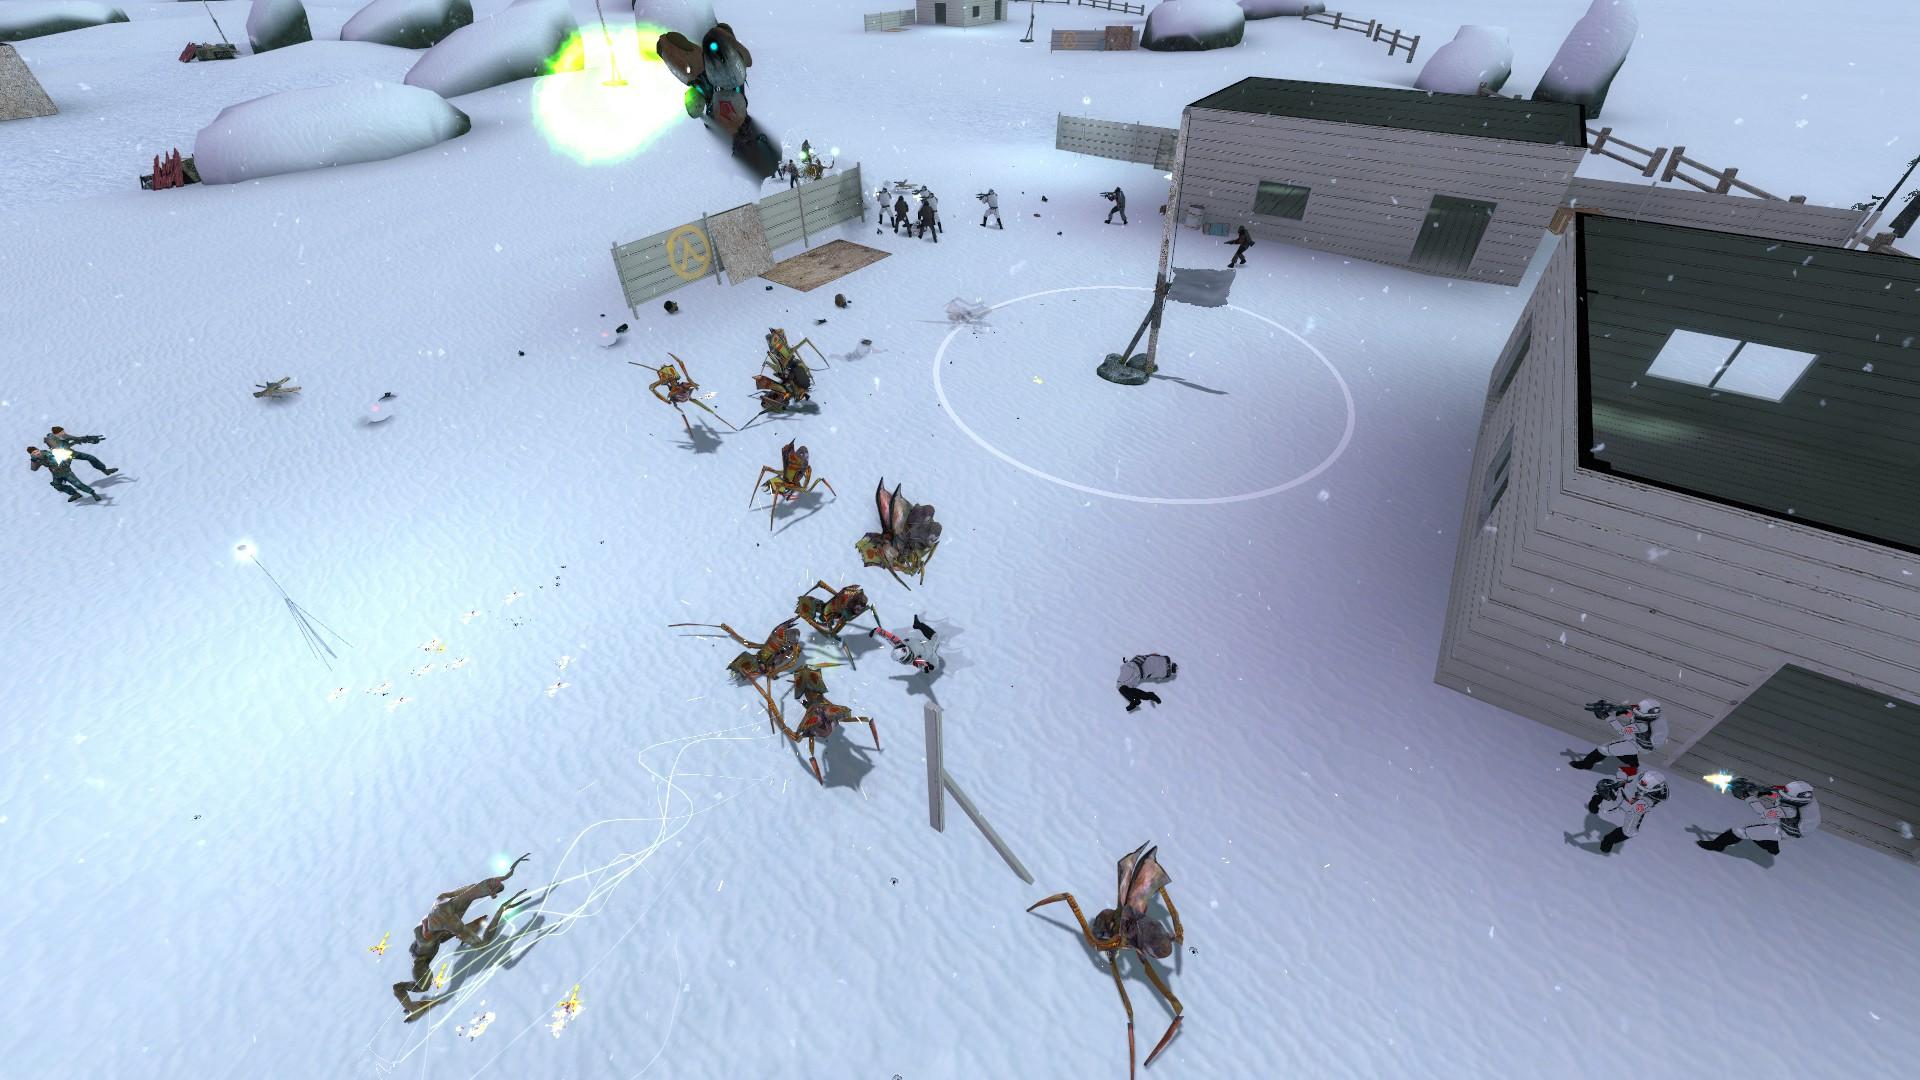 Спустя 13 лет разработки вышла фанатская RTS по Half-Life 2 — Lambda Wars